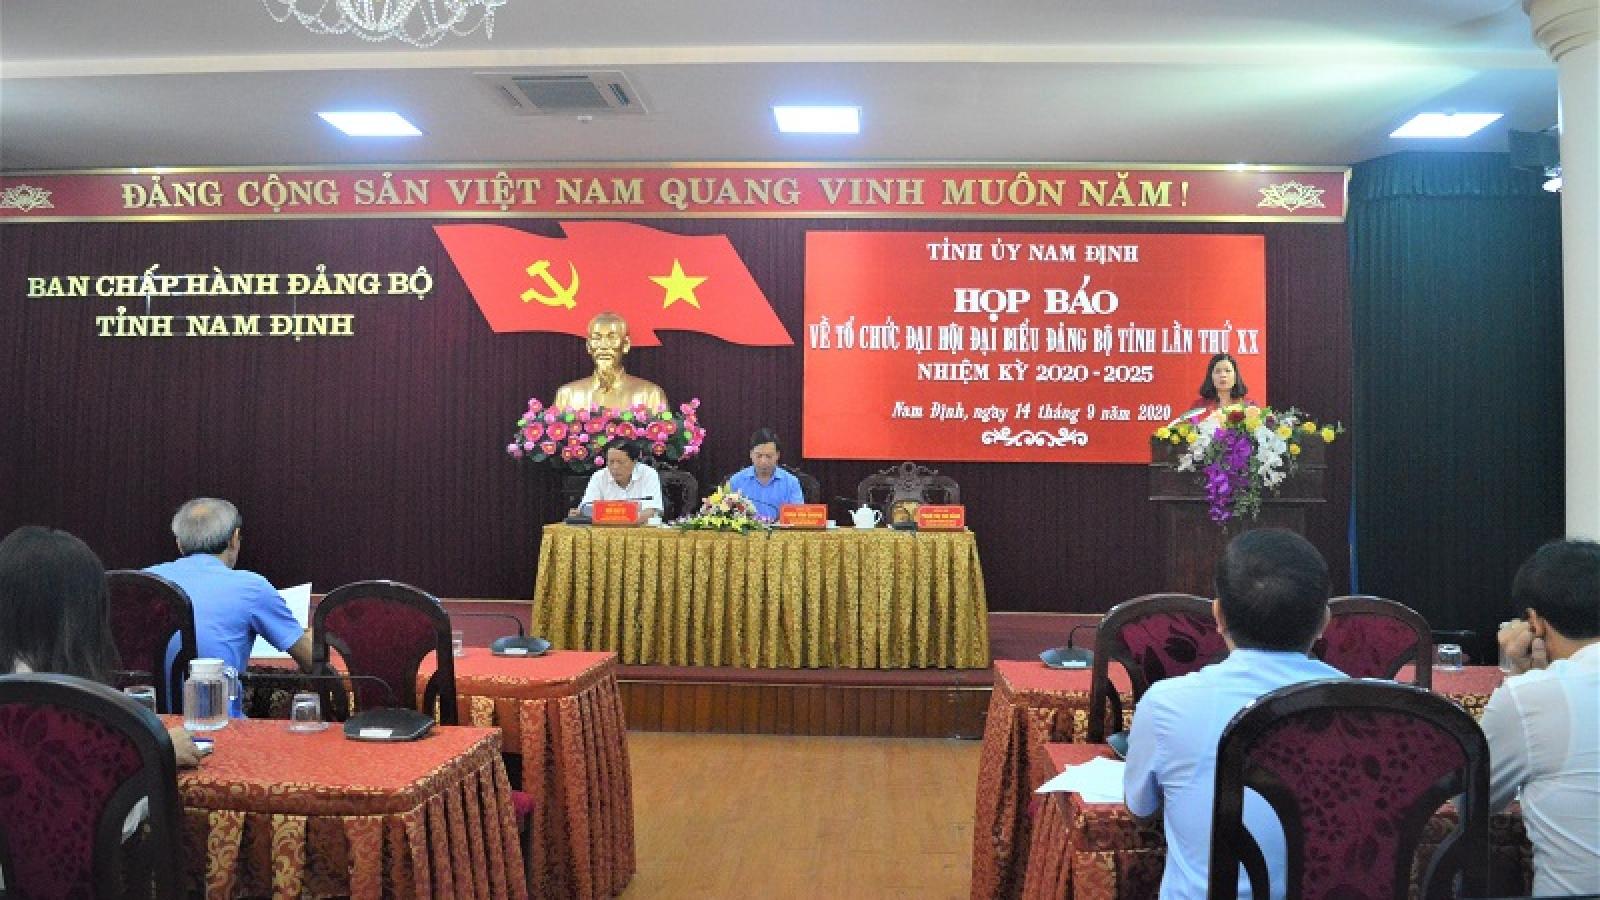 Đại hội đại biểu Đảng bộ tỉnh Nam Định lần thứ XX diễn ra từ ngày 23-26/9/2020